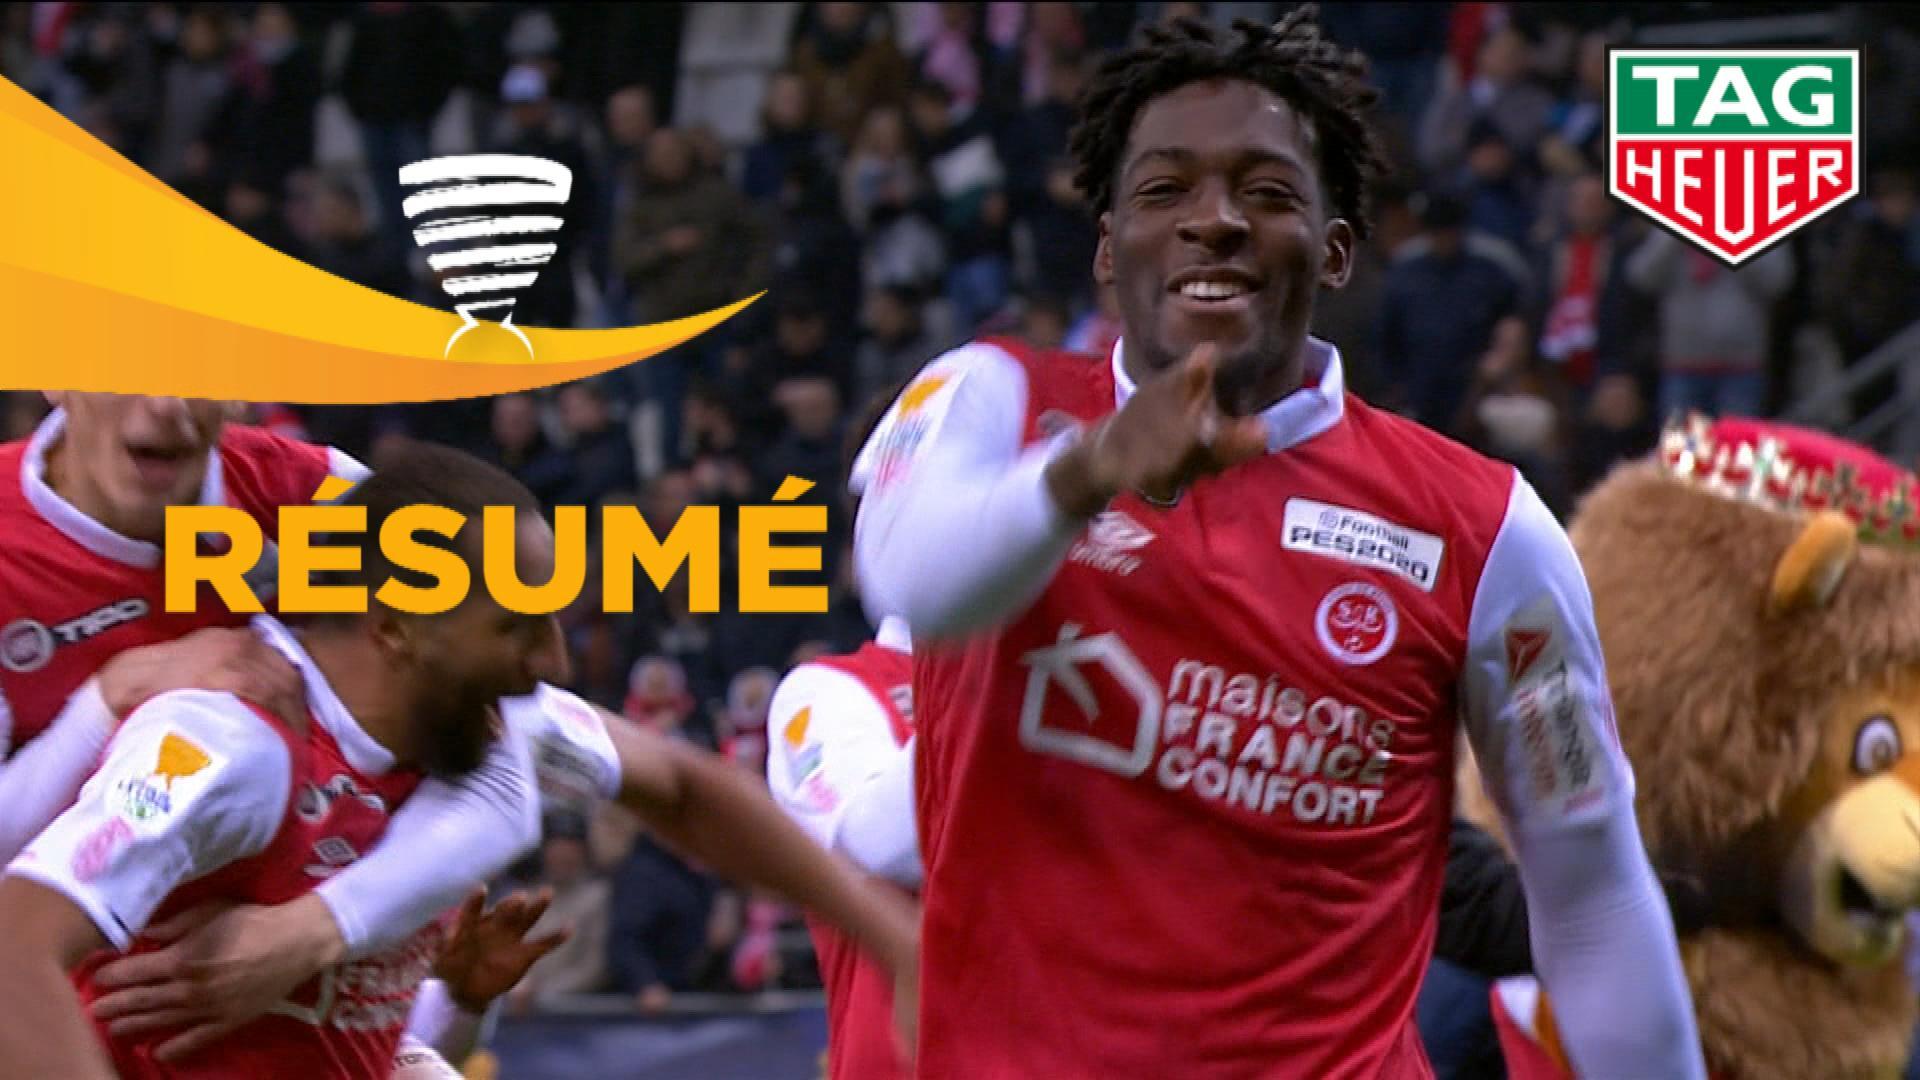 Stade de Reims - RC Strasbourg Alsace (0-0 4 tab à 2)  - (1/4 de finale) - Résumé - (REIMS-RCSA) / 2019-20